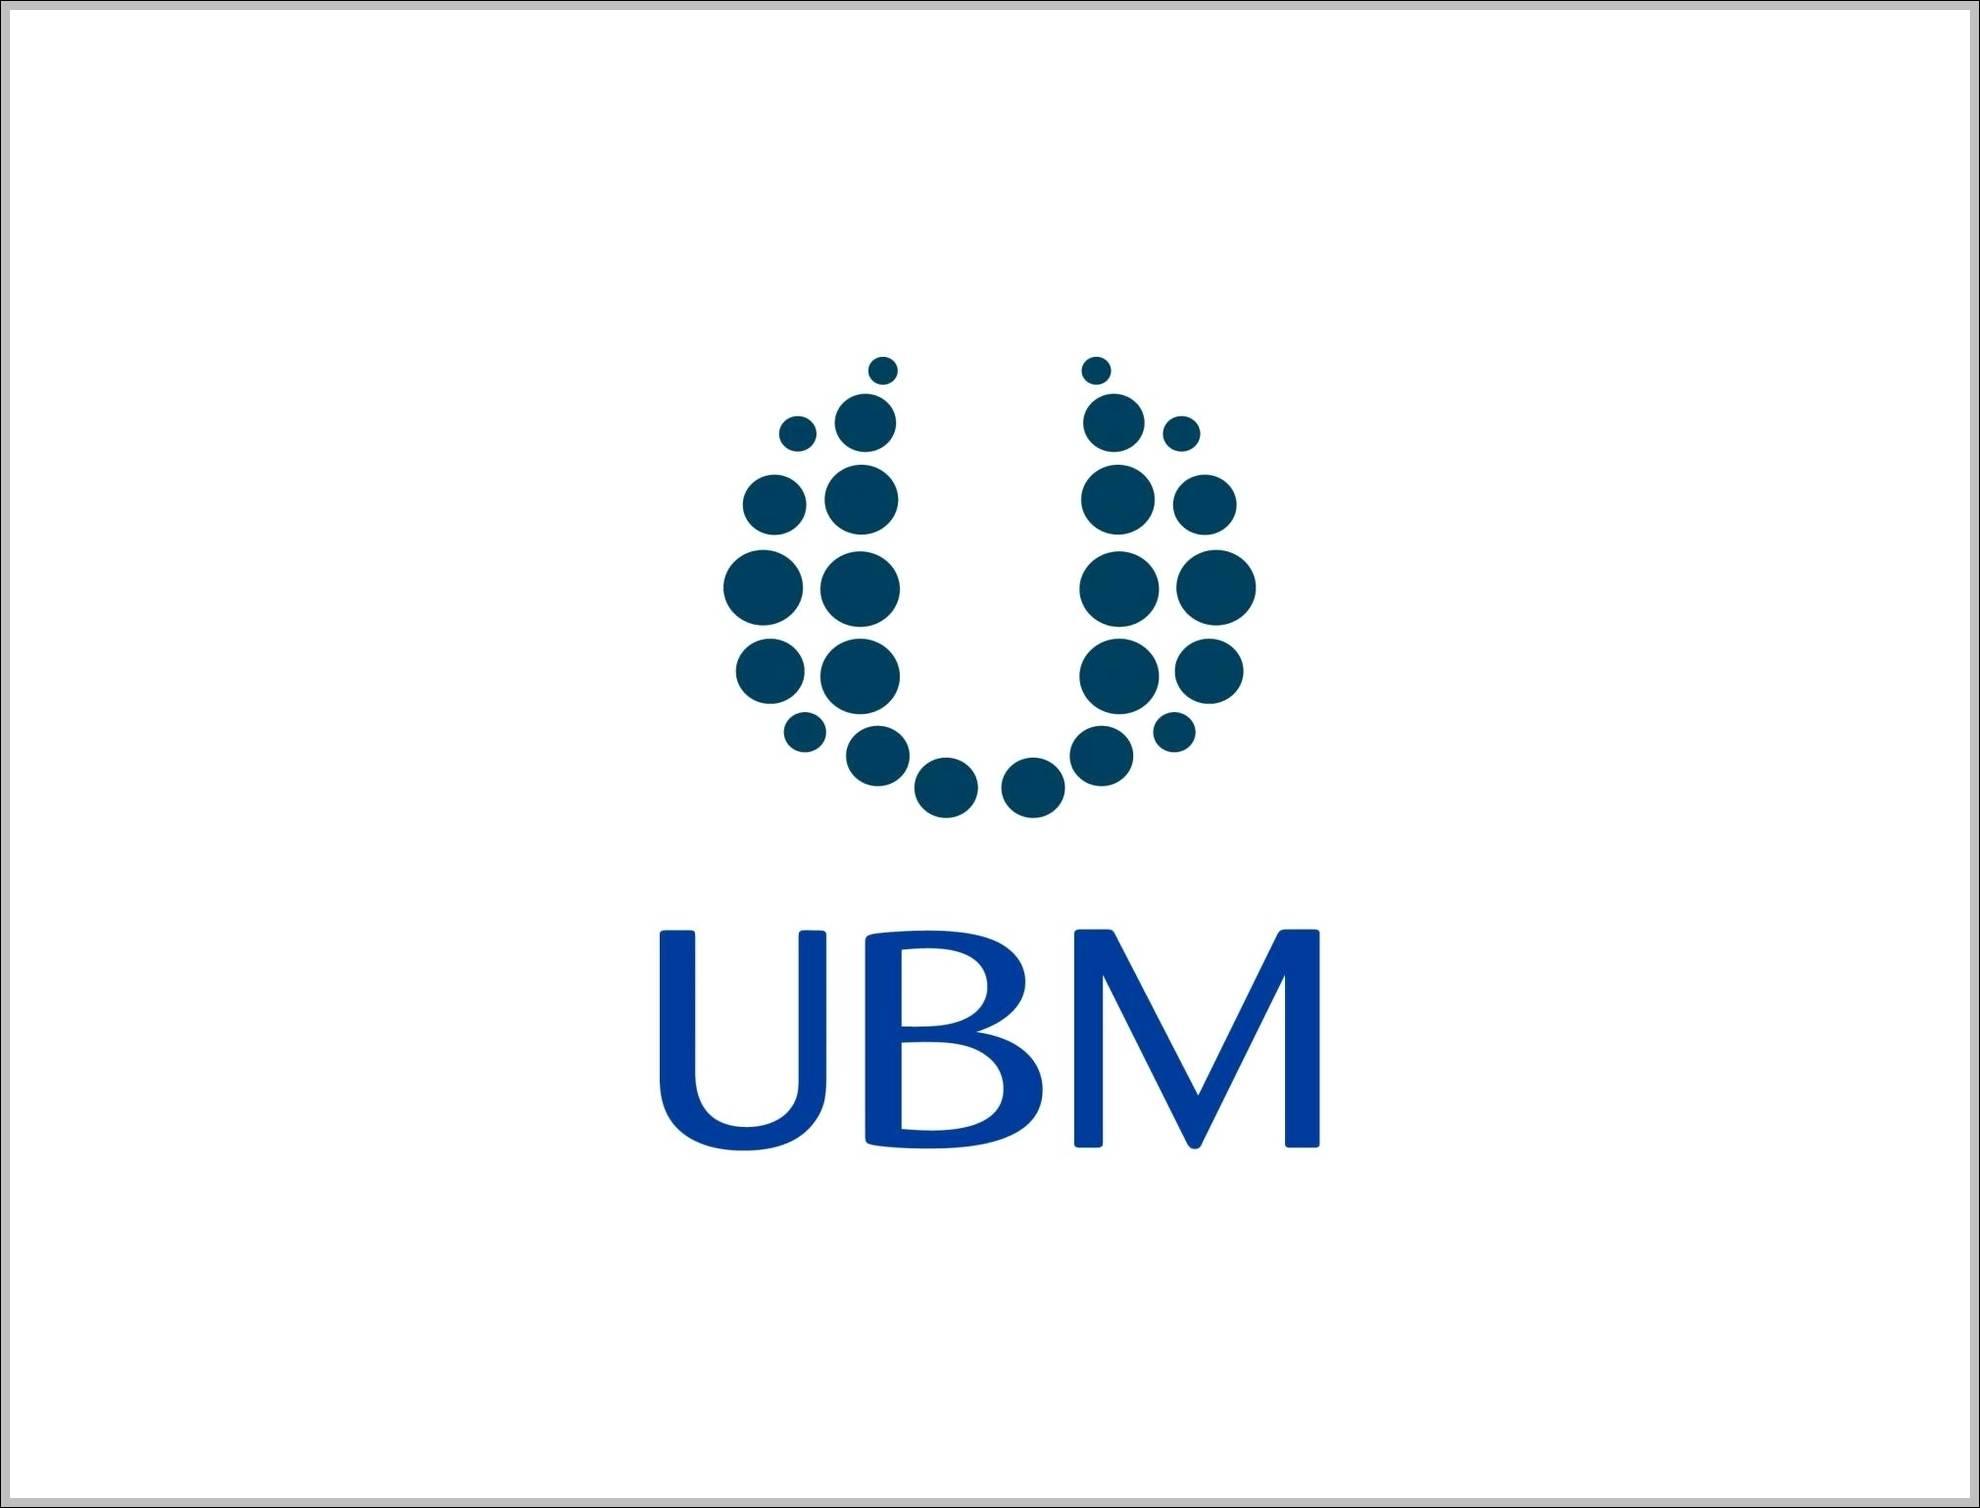 UBM sign